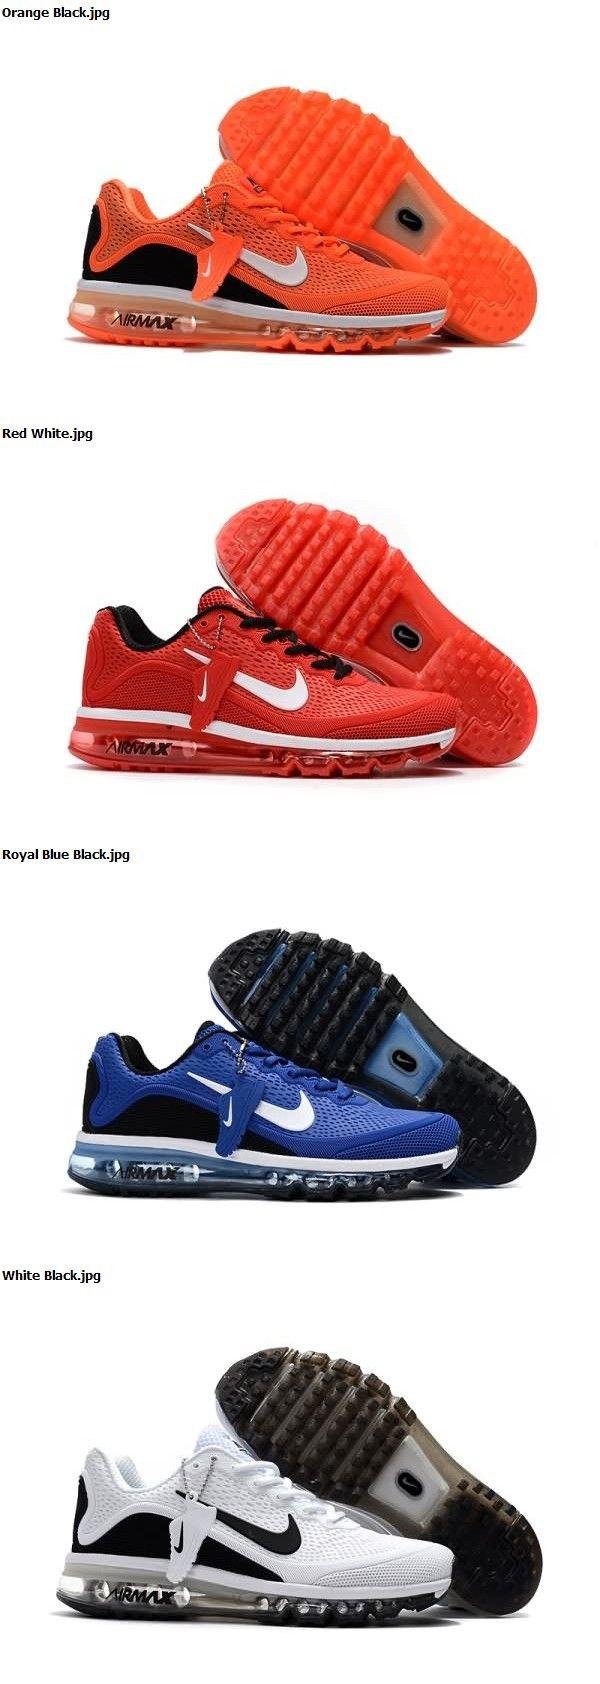 Nike Air Max 2017.5 KPU Men shoes Free Shipping Orange Black Red White